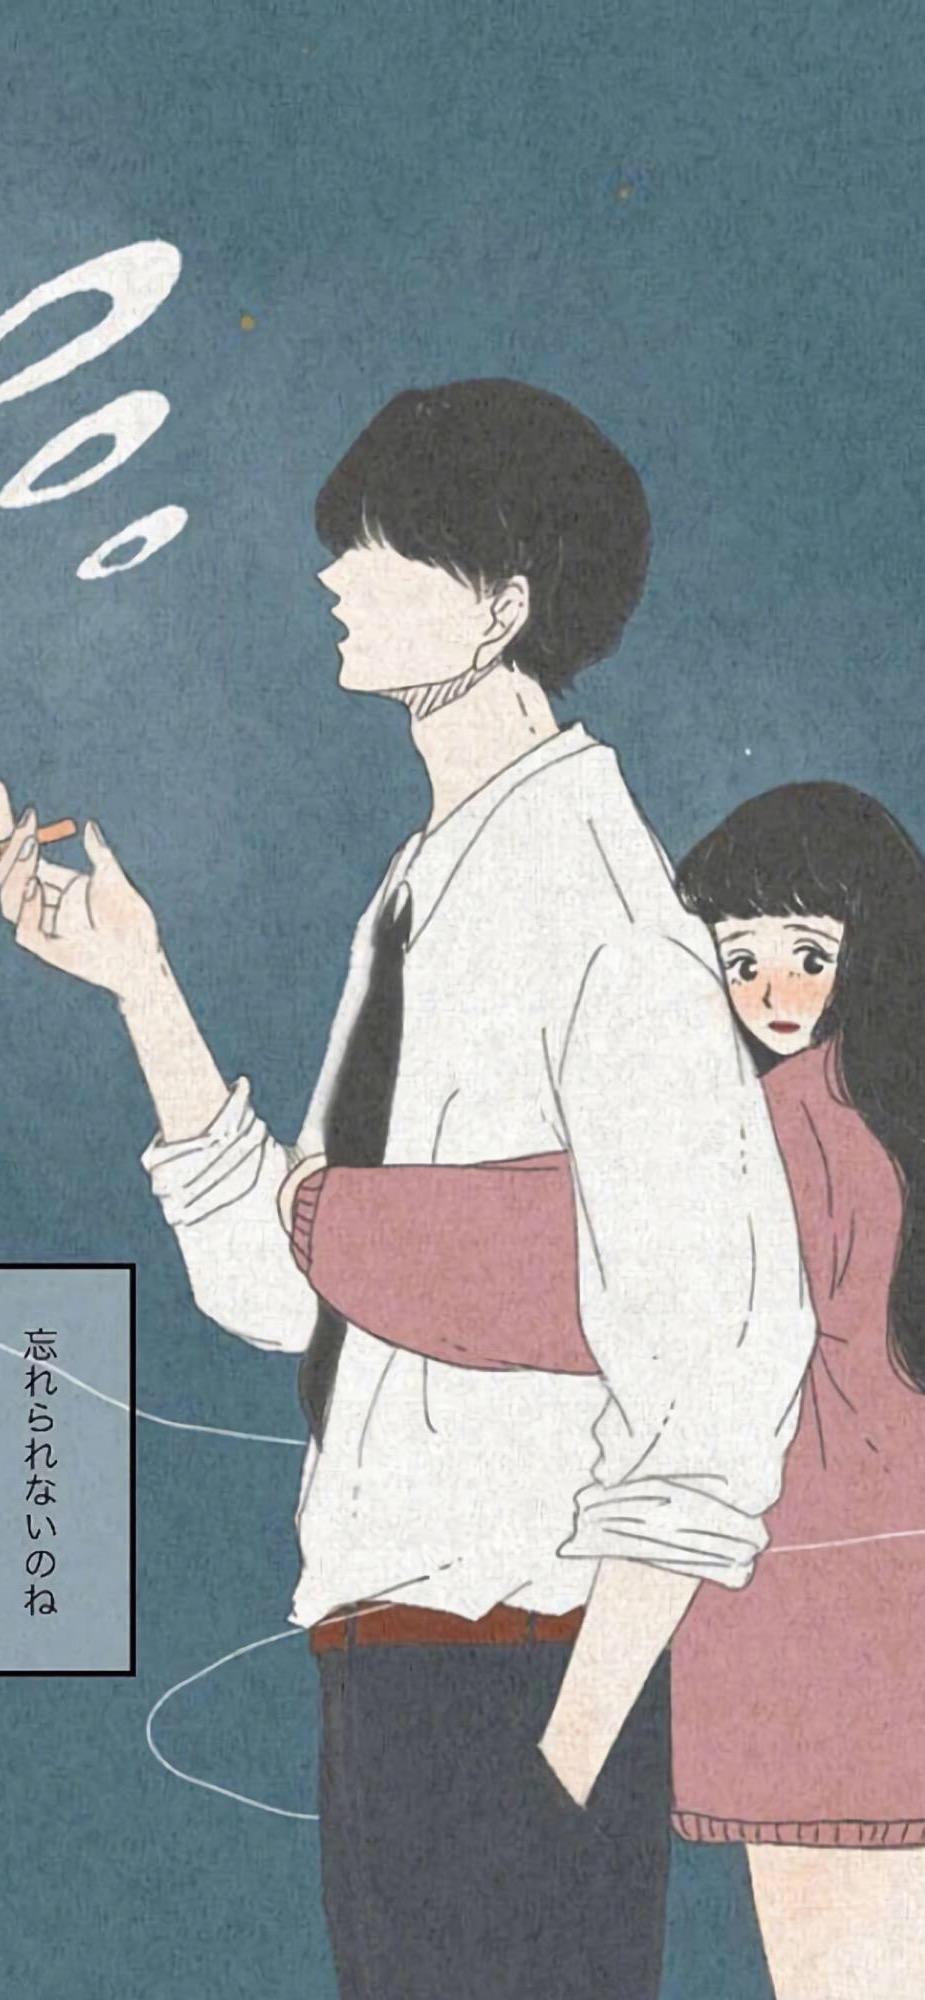 情侣插画高清手机壁纸925*2000